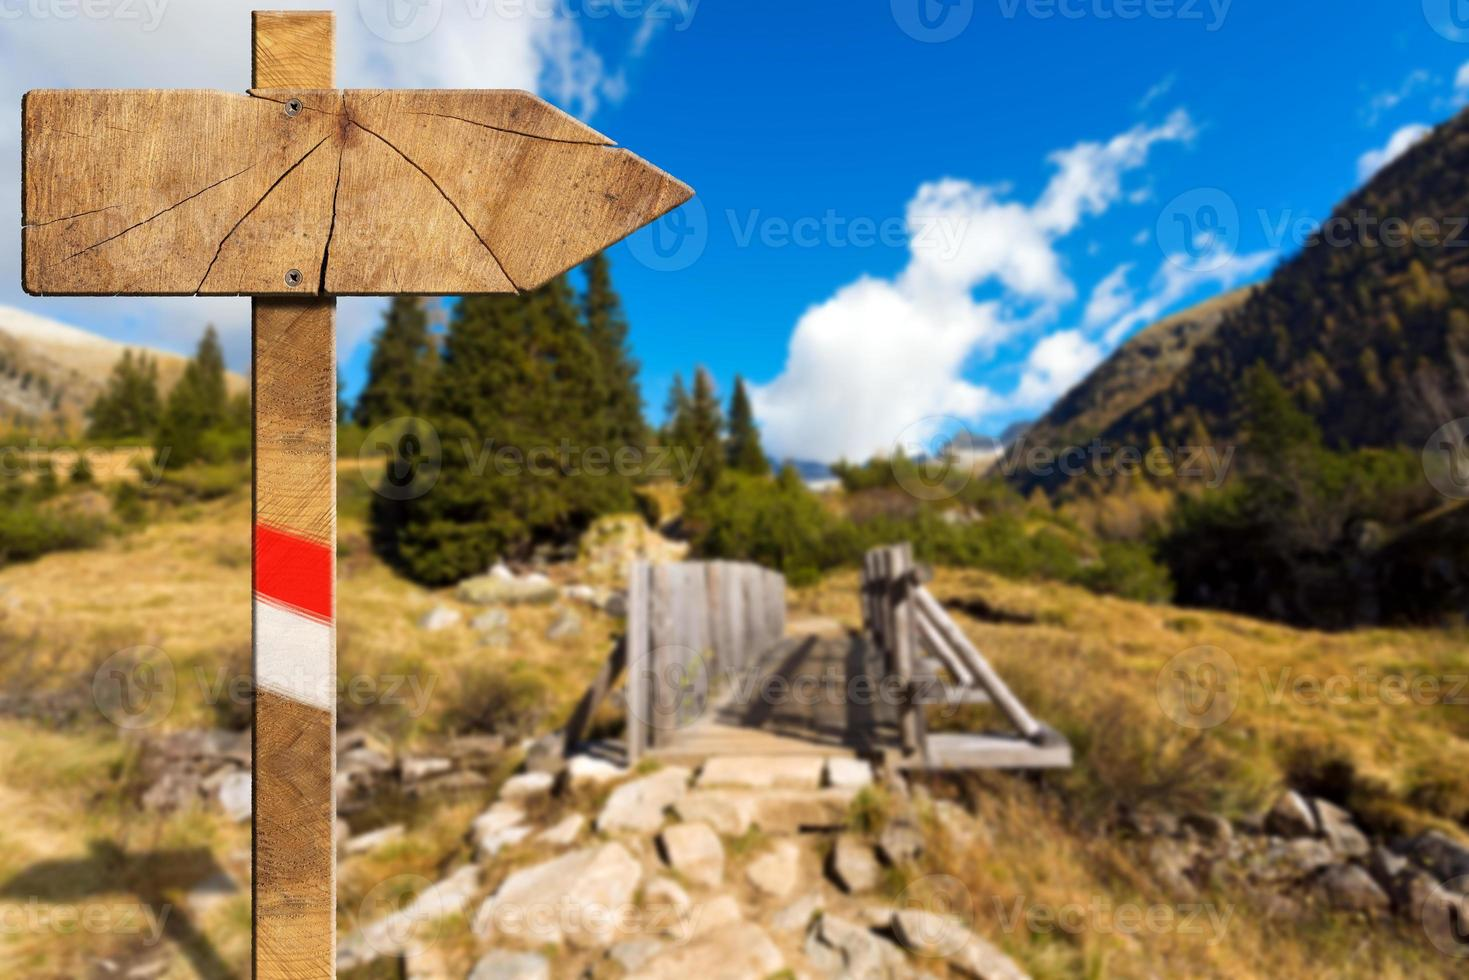 signe de sentier directionnel en bois en montagne photo